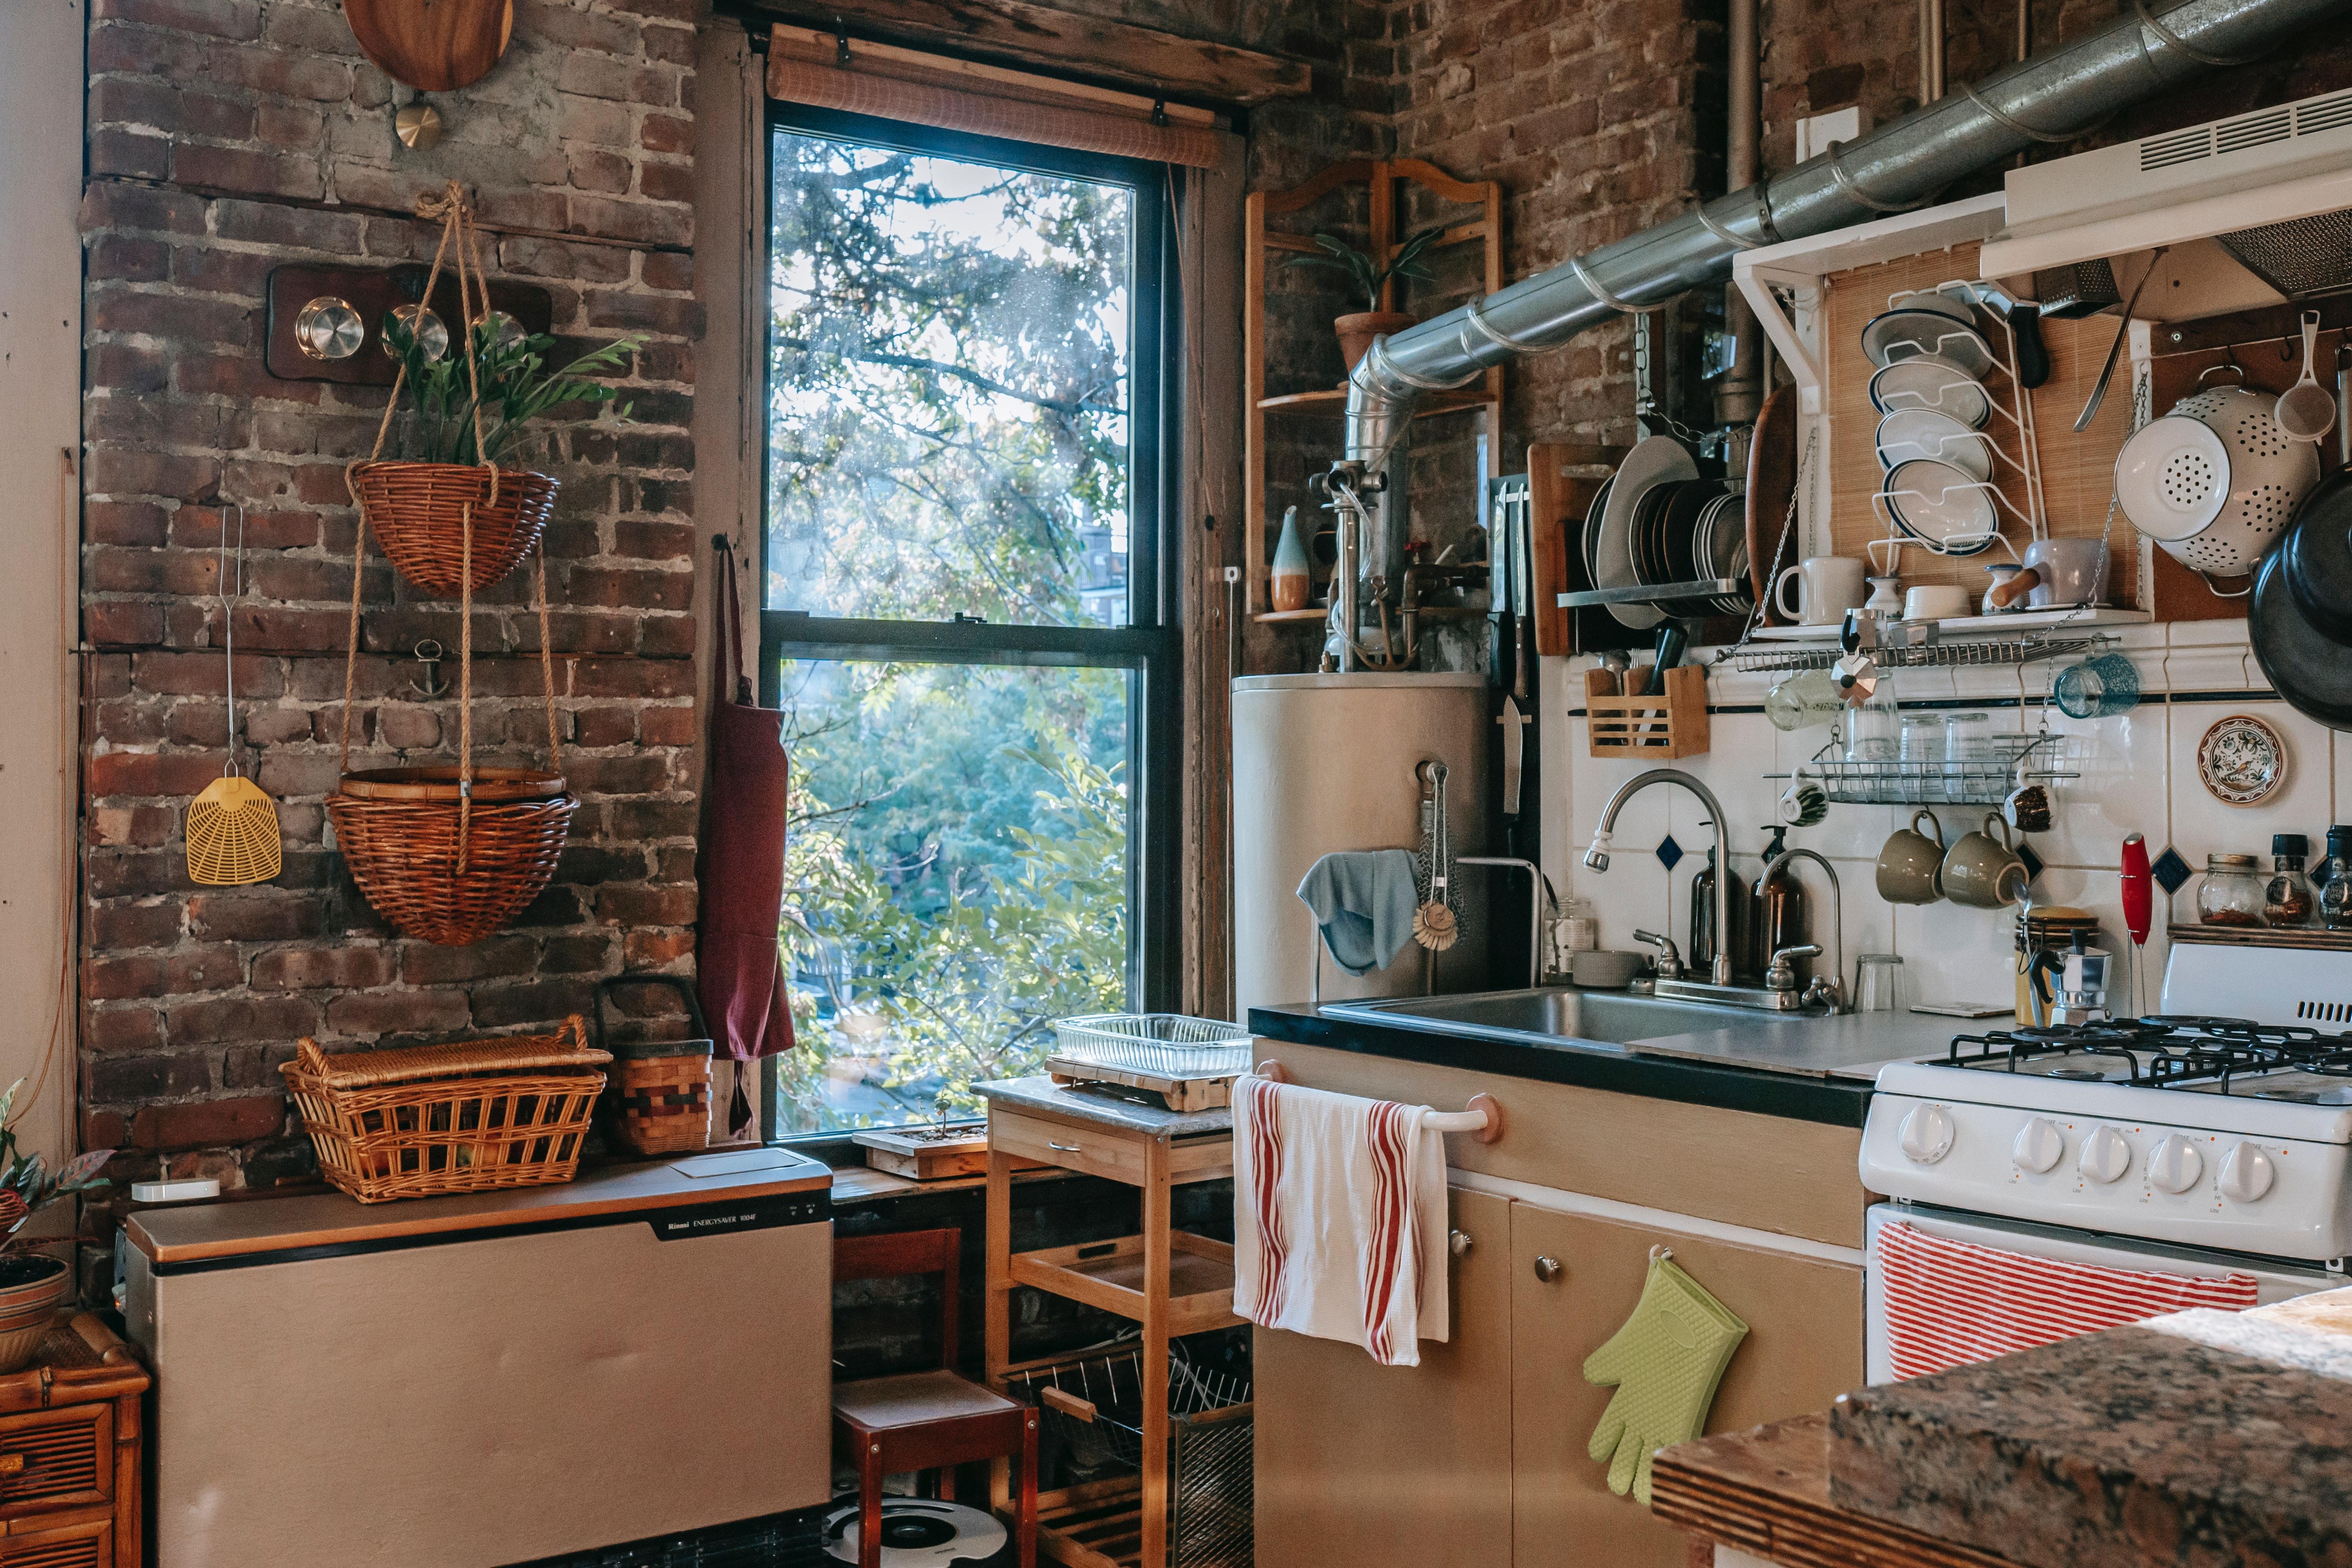 Spara energi i köket - för miljön och plånboken